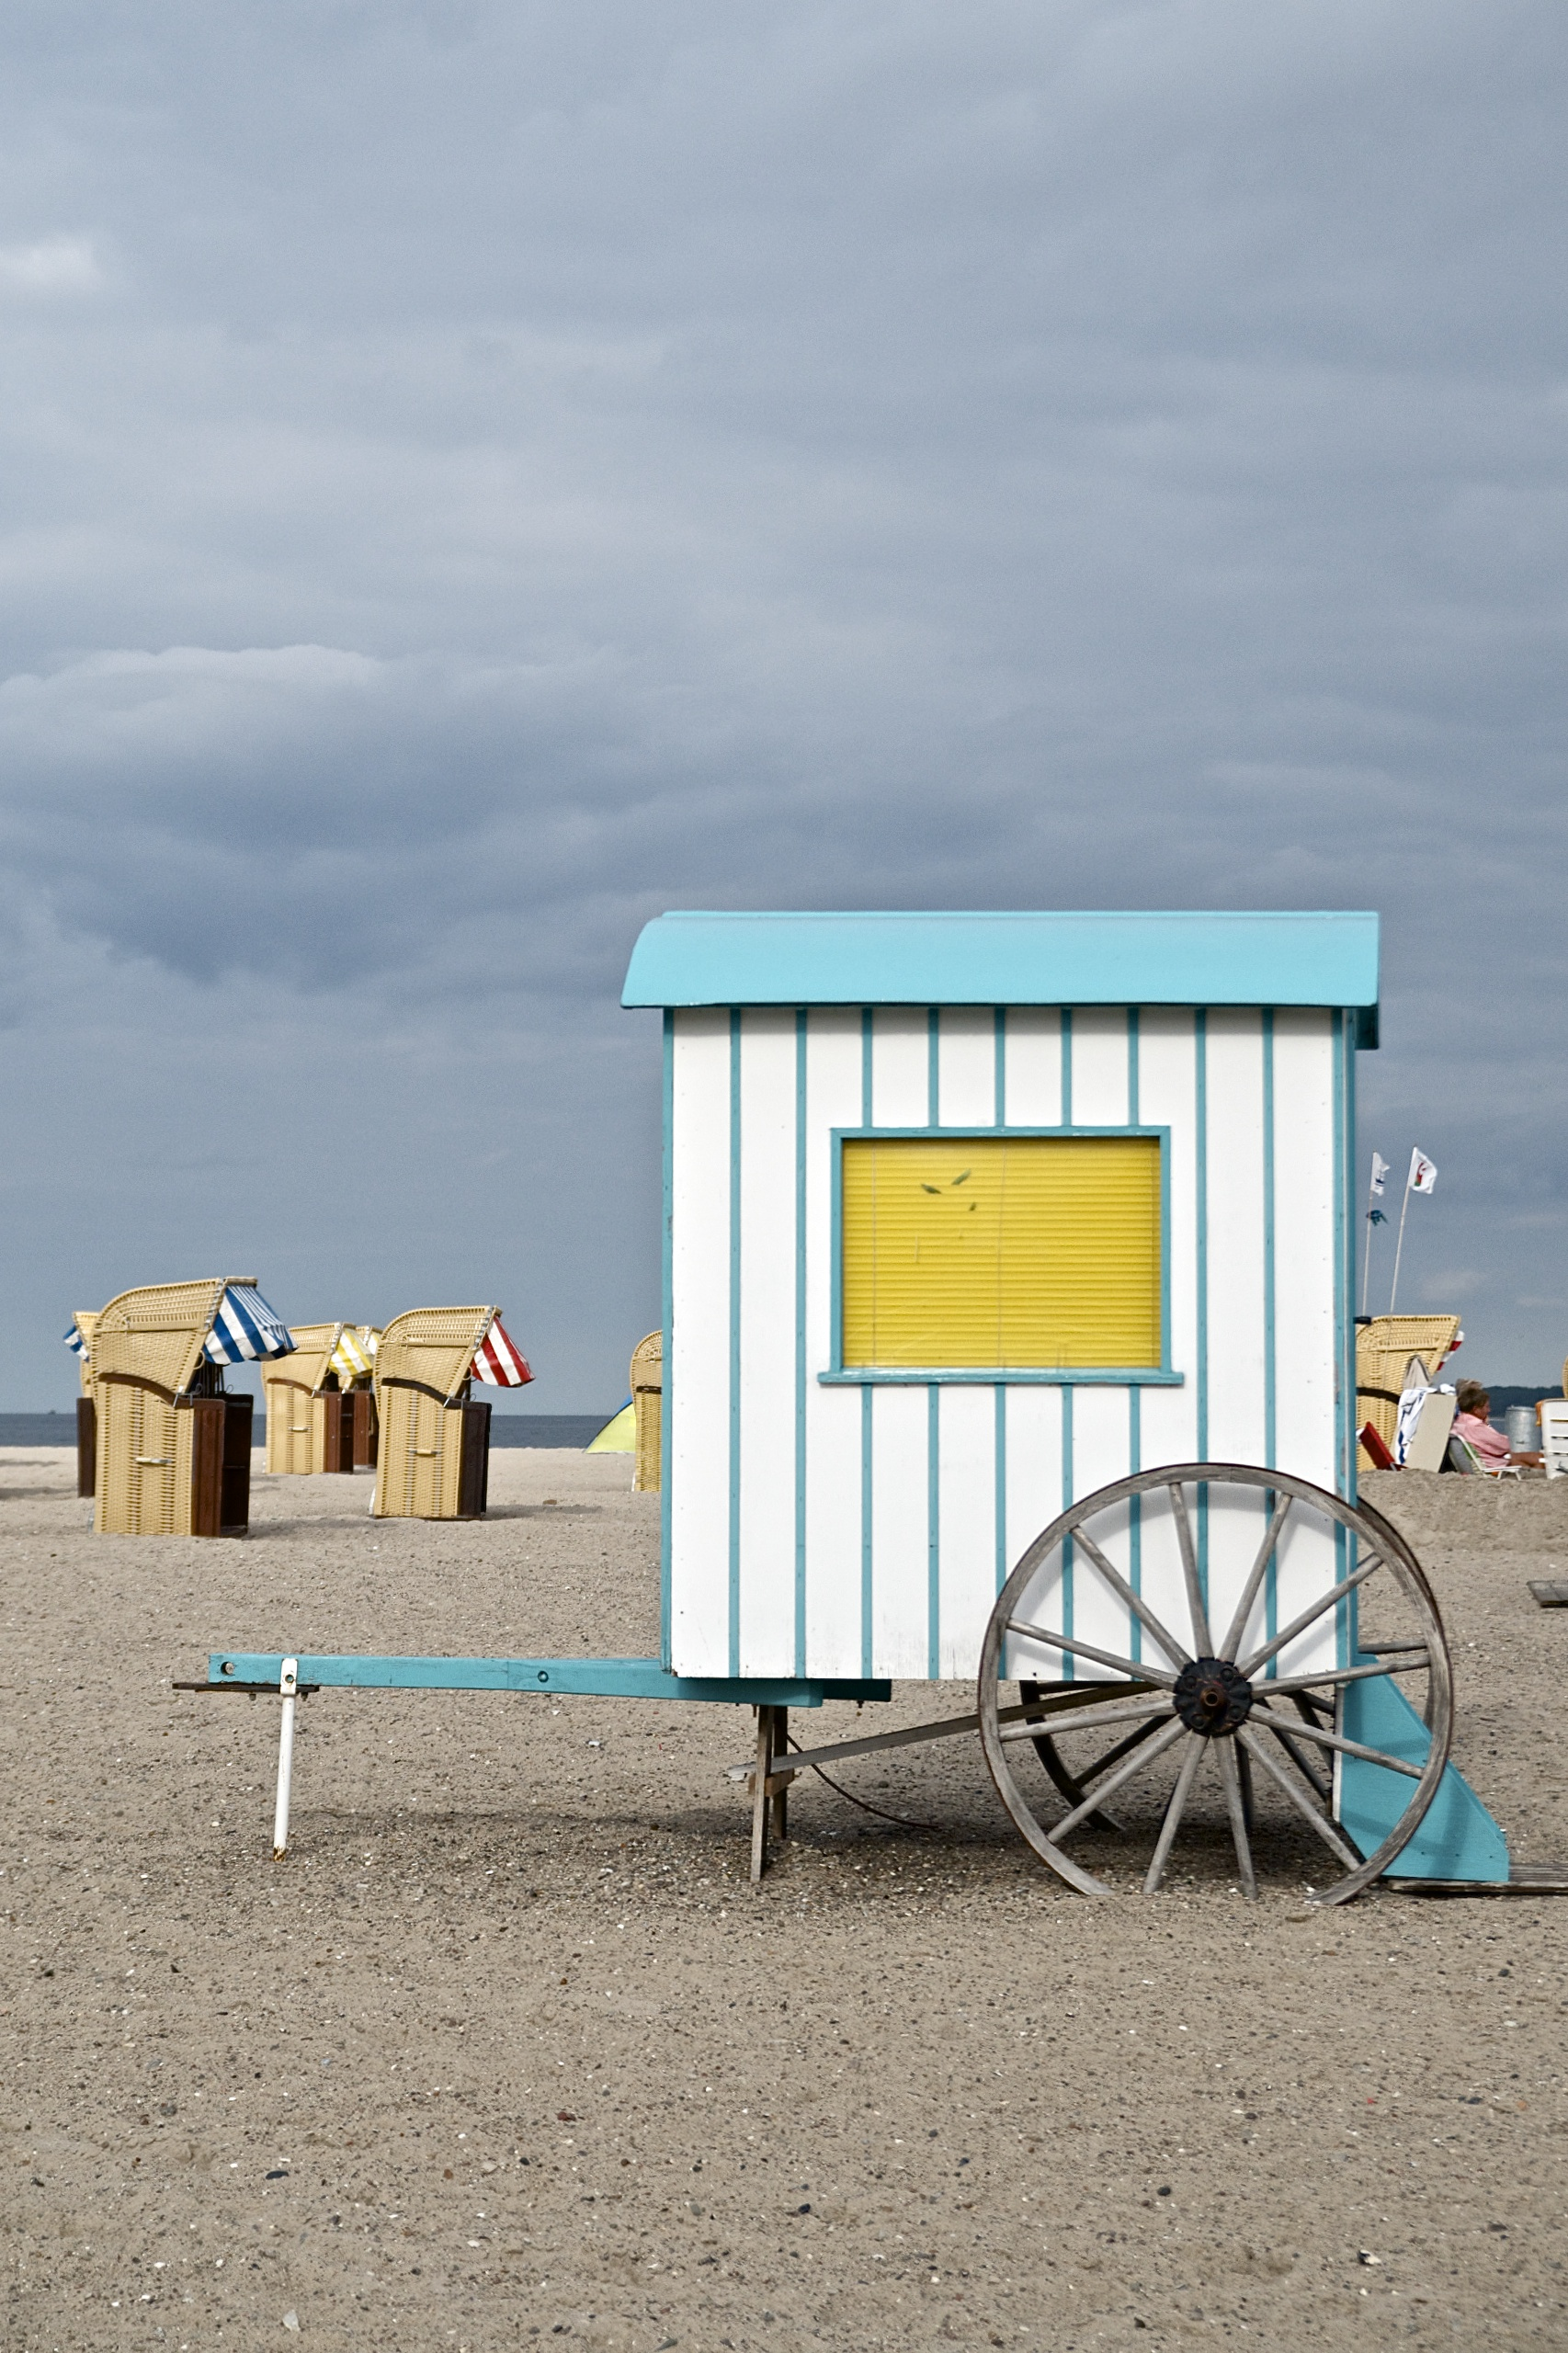 (K)Ein Tag am Meer,Badekarren am Strand in Travemünde, Sand, Wolken, Himmel, Strandkörbe